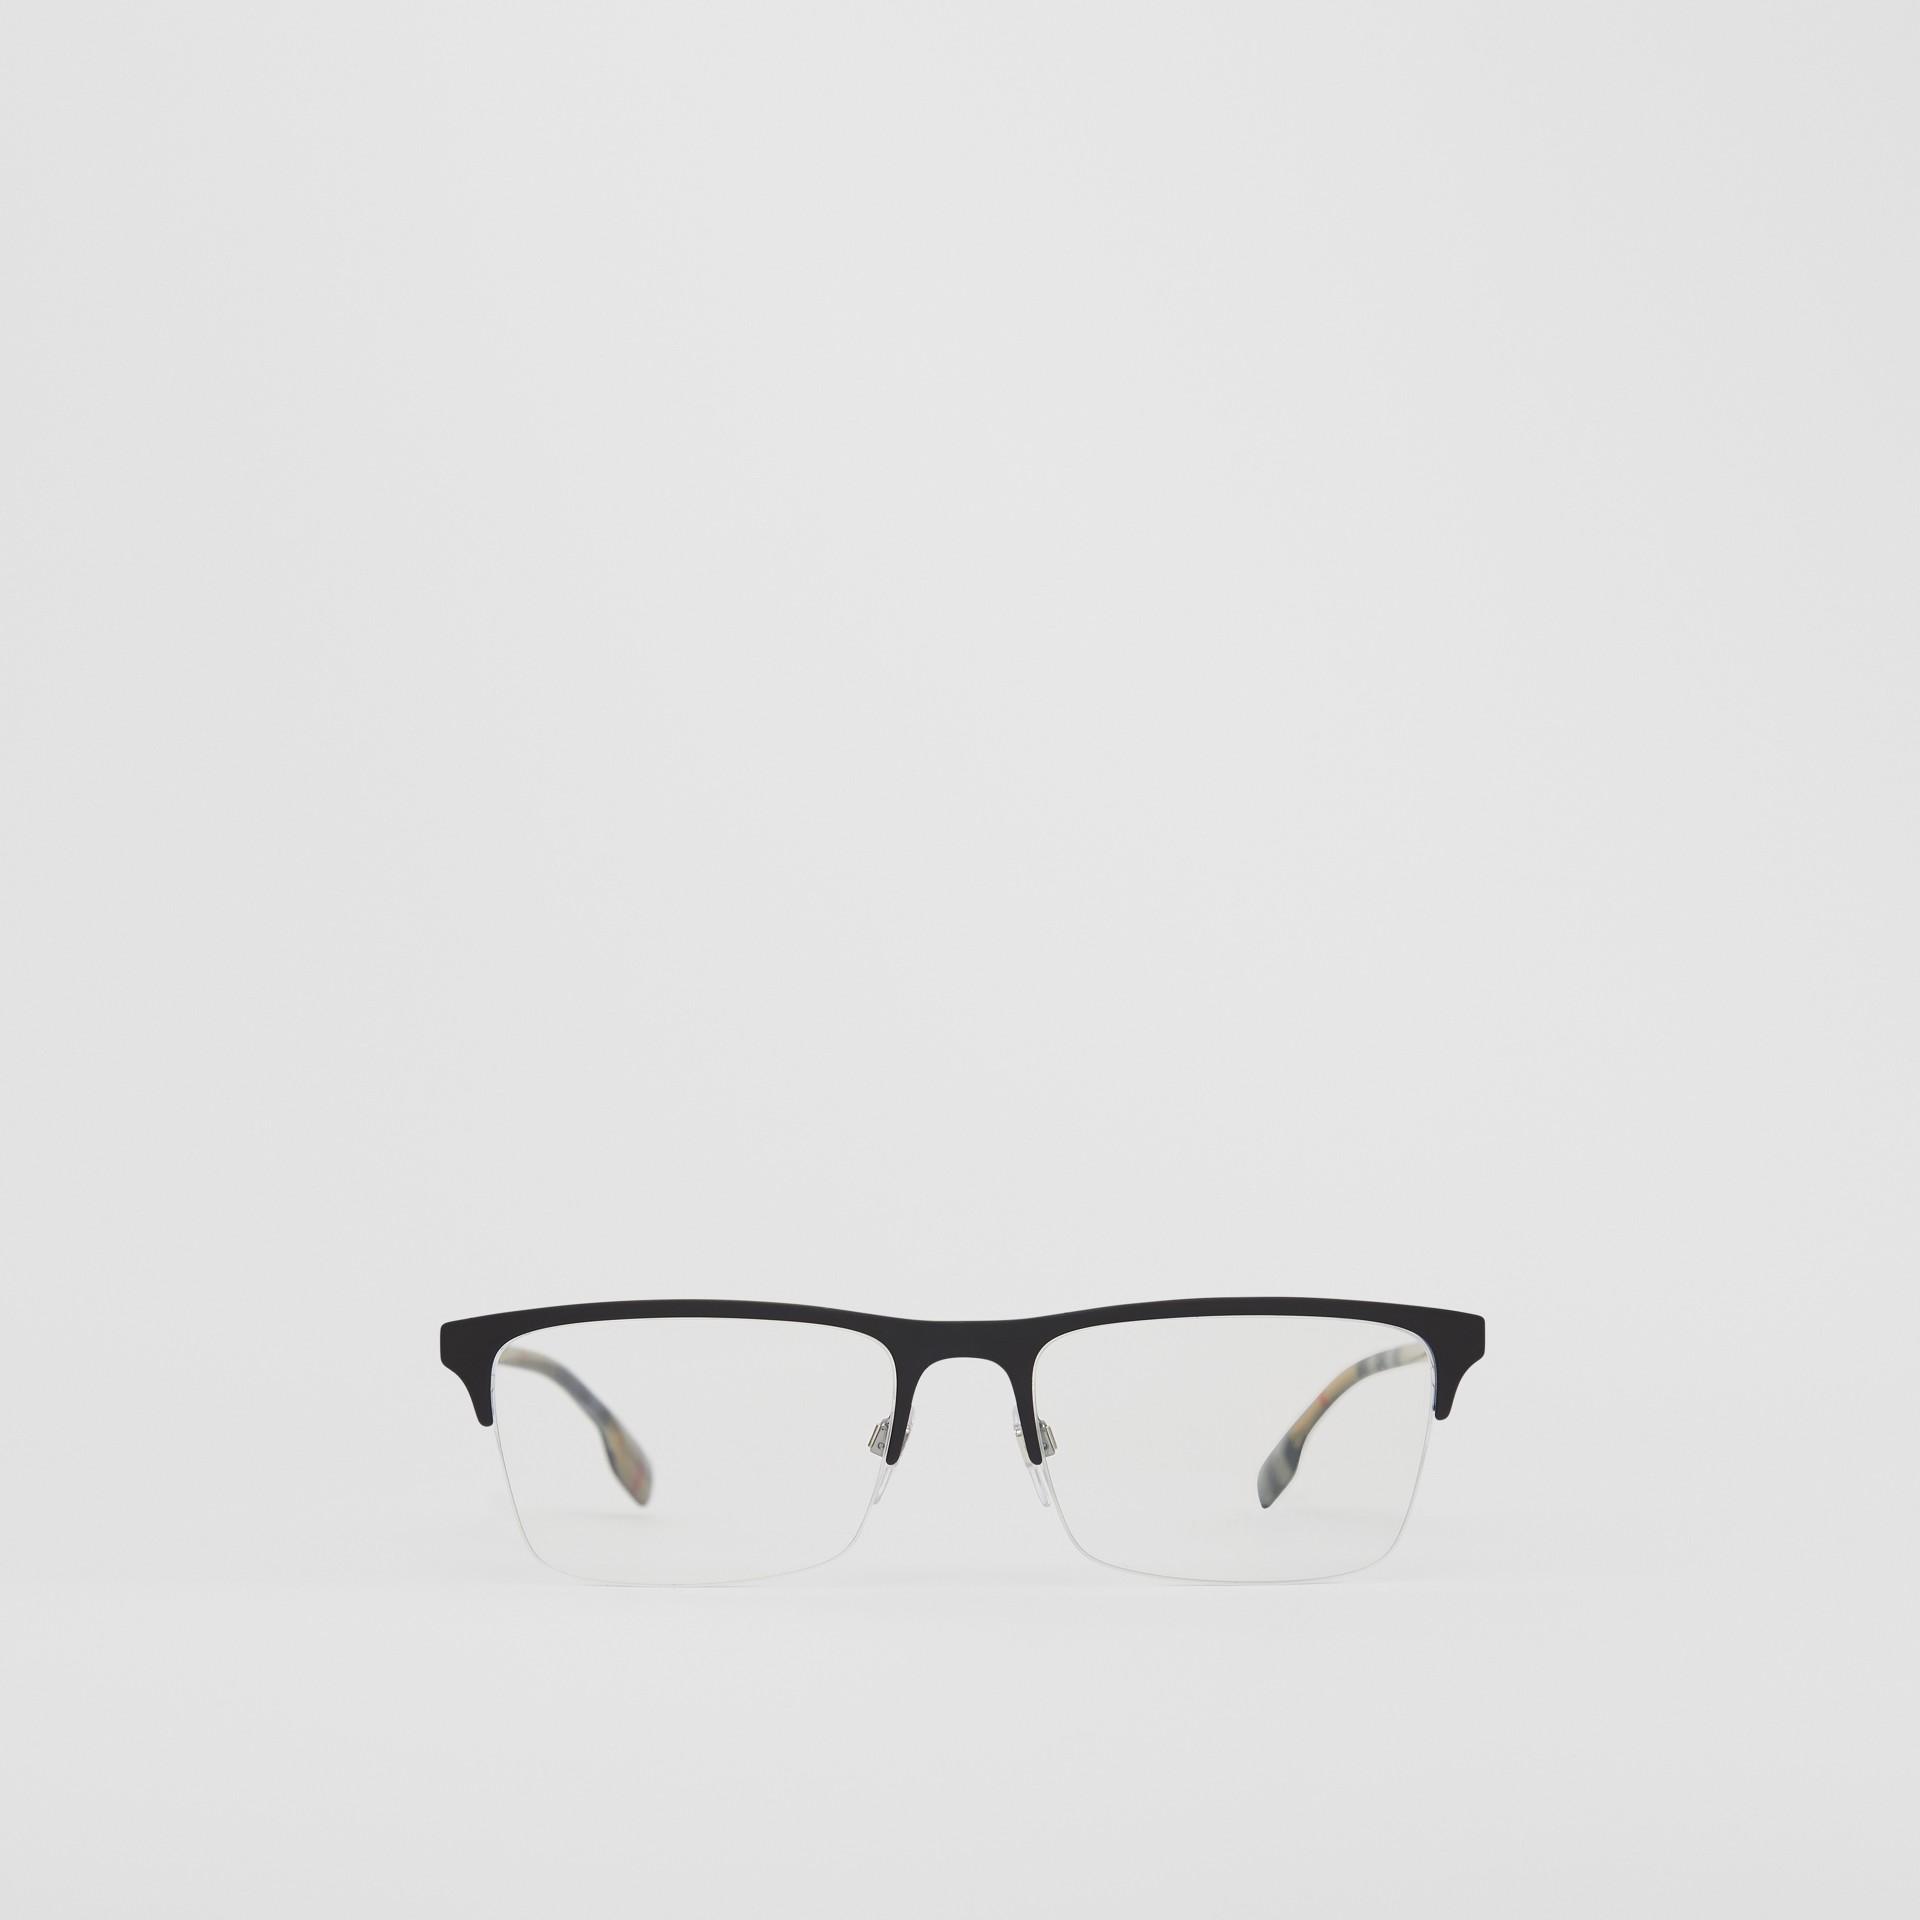 Óculos de grau com armação retangular (Preto Fosco) - Homens | Burberry - galeria de imagens 0